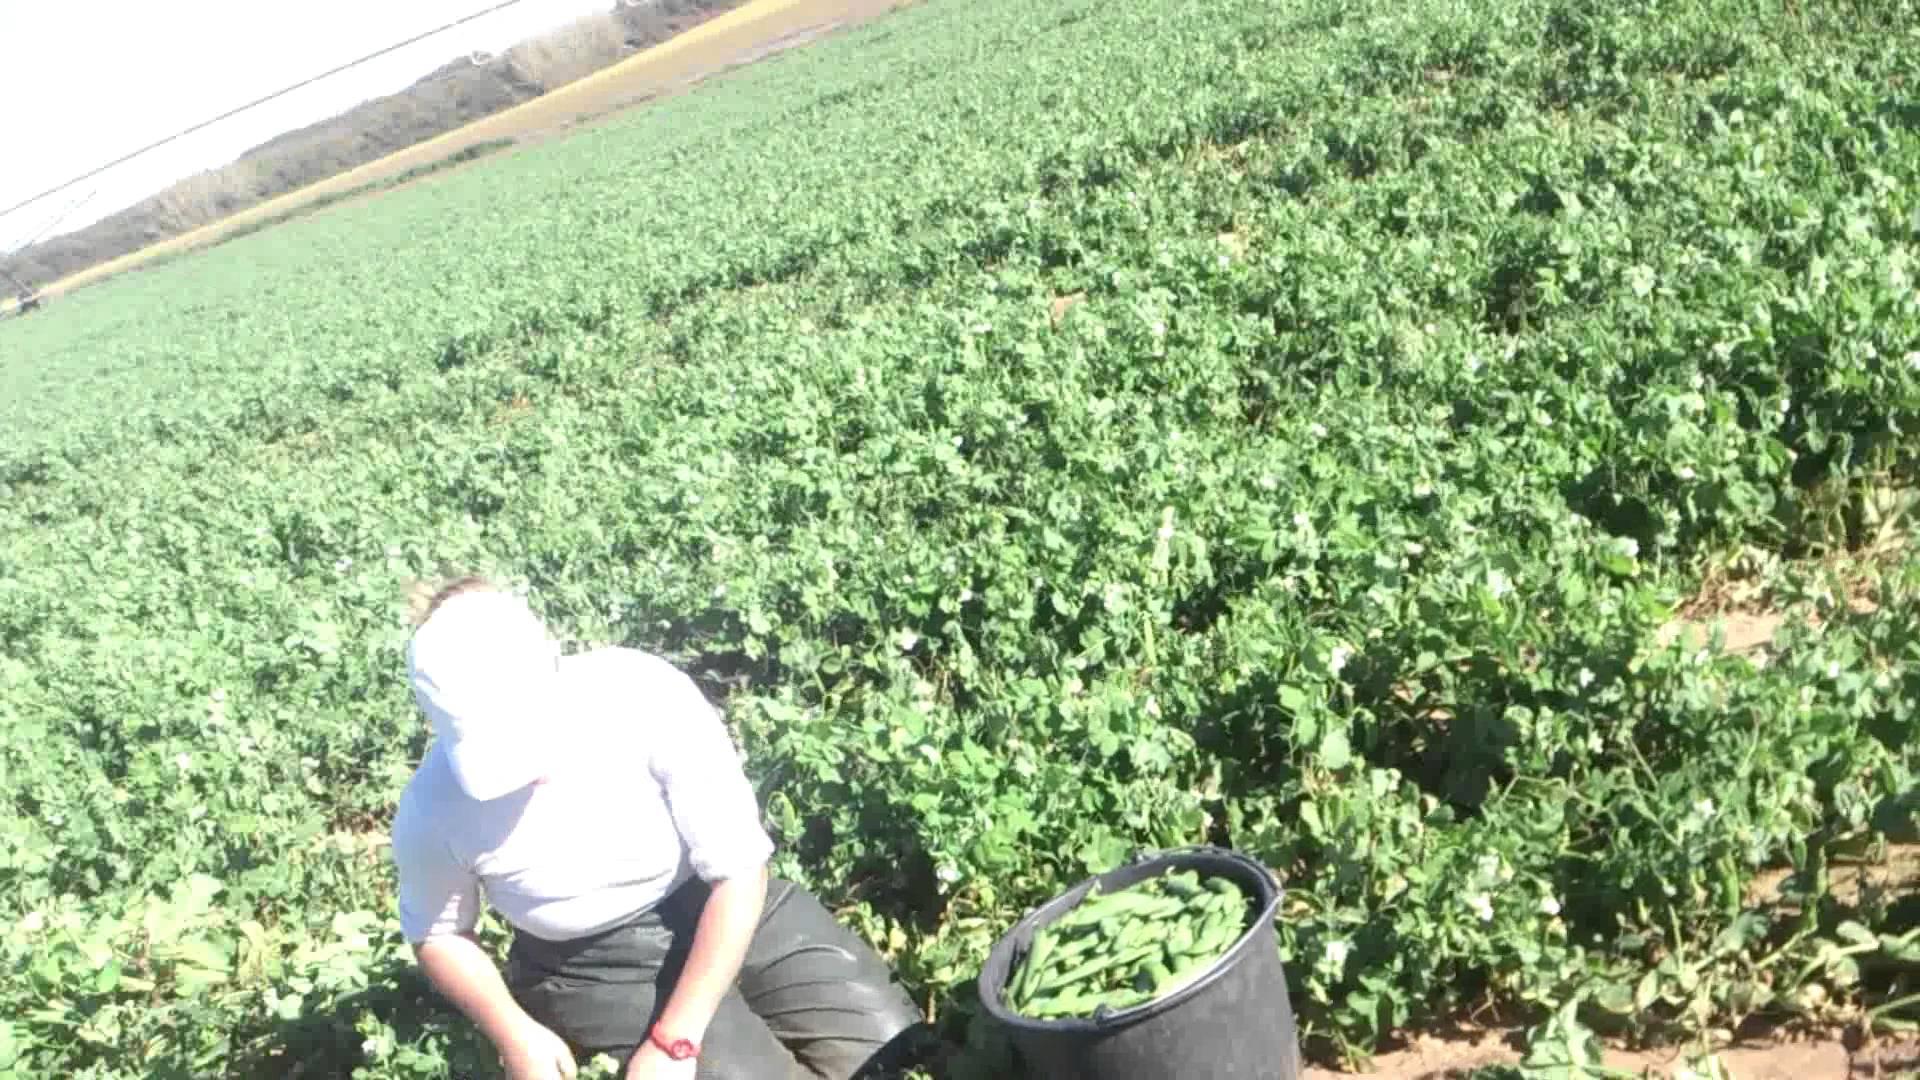 400 locuri de muncă în sectorul agricol, în Danemarca